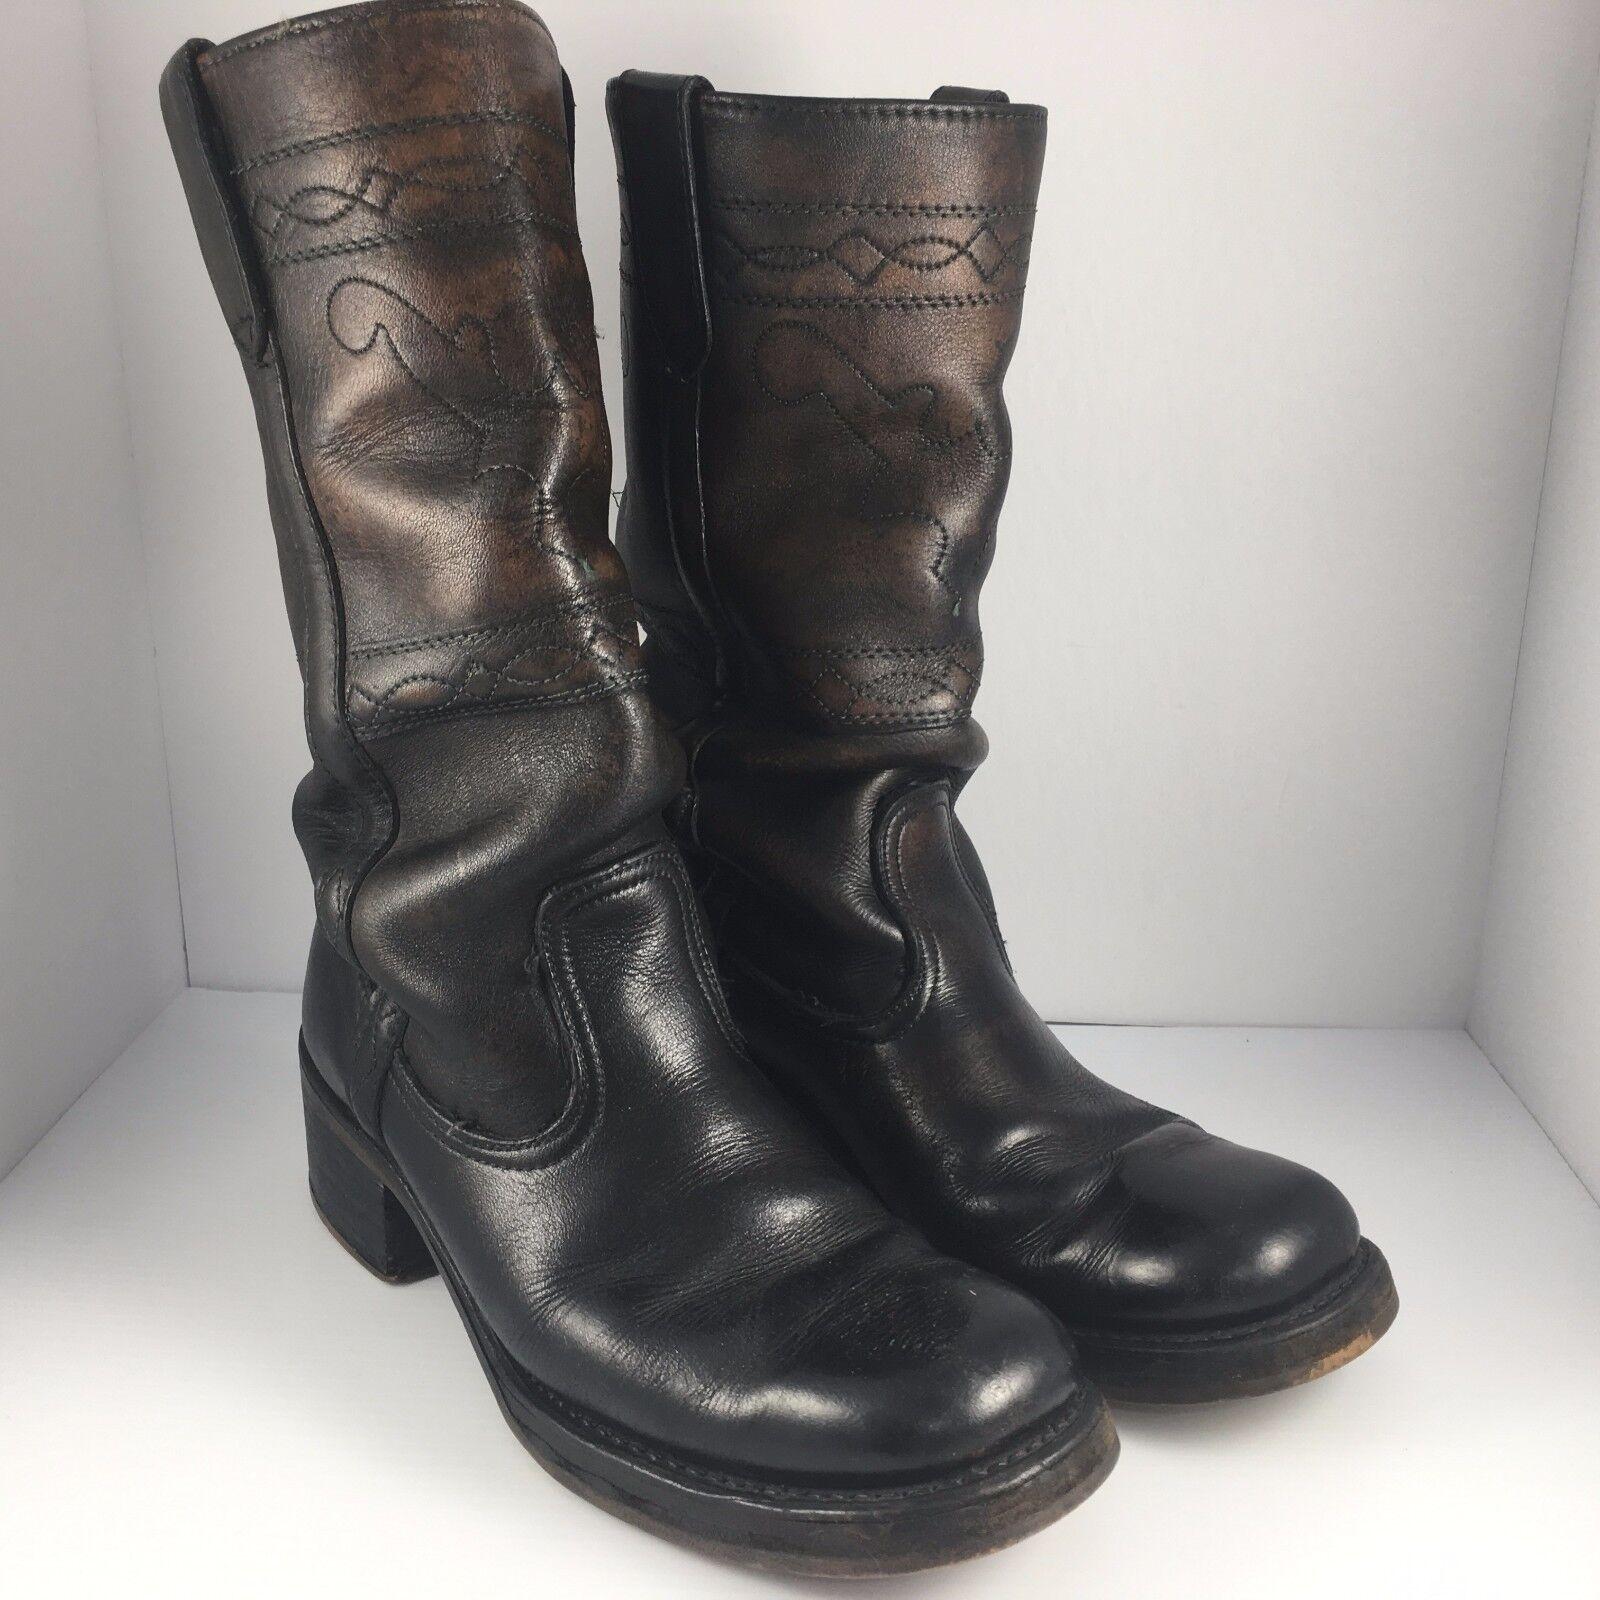 garanzia di qualità Vintage Double H Dark Cowboy Western 13  stivali stivali stivali Uomo Dimensione 8 D  il prezzo più basso